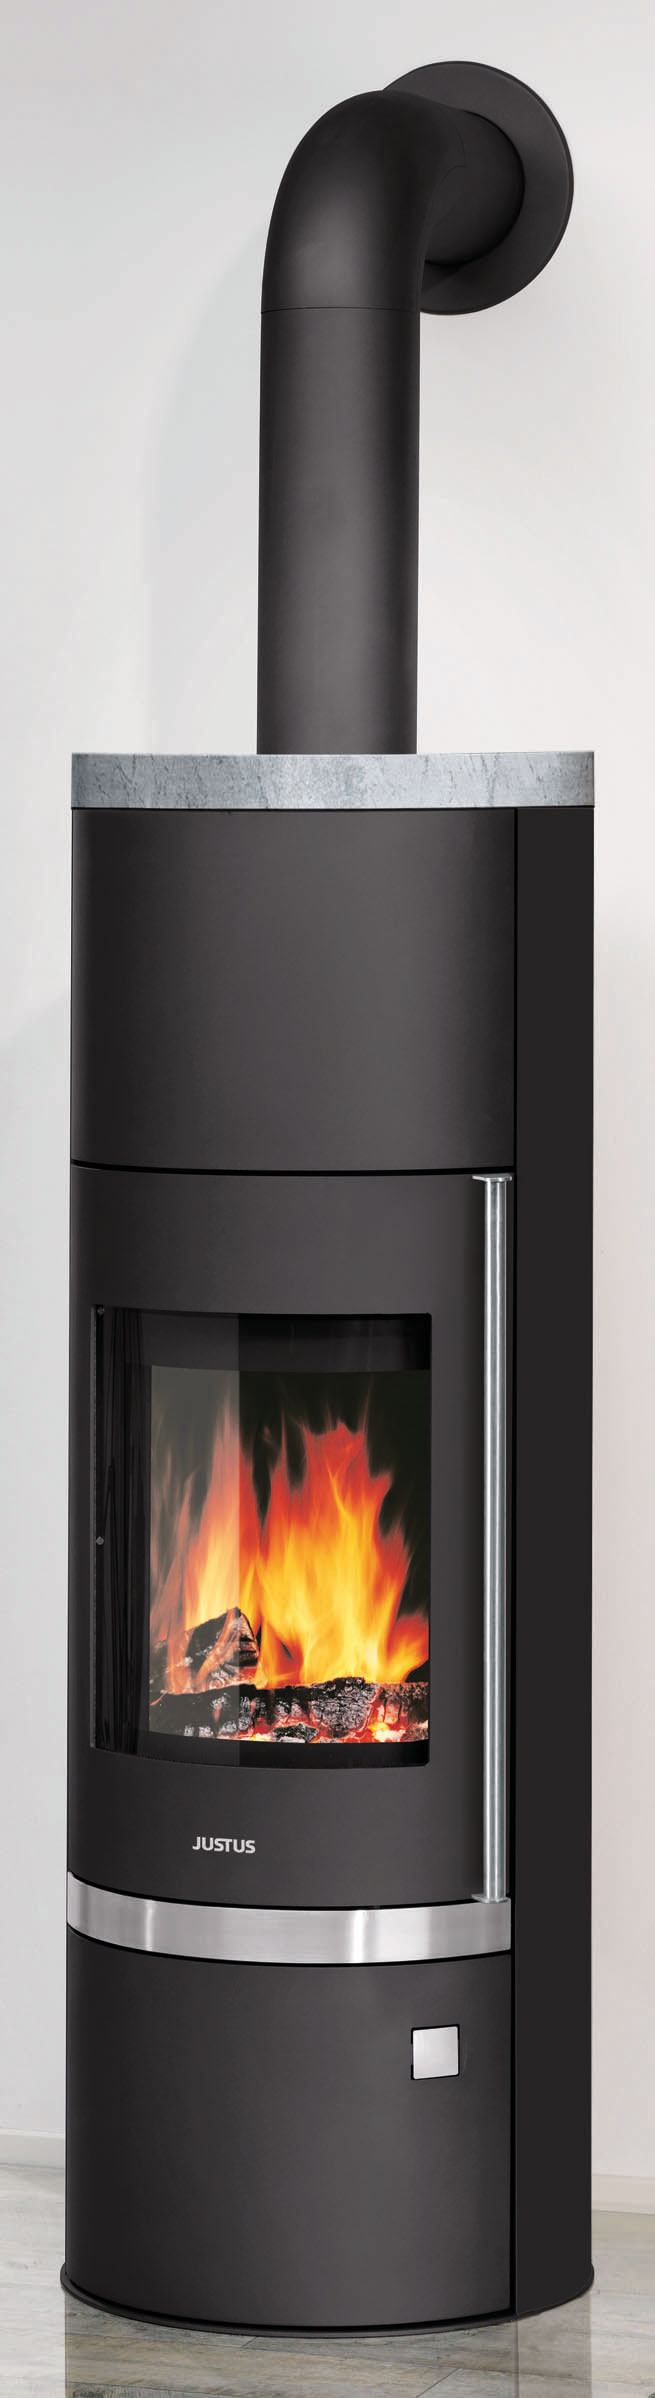 kaminofen justus faro aqua raumluftunabh ngig sch speckstein top 8 5kw bei. Black Bedroom Furniture Sets. Home Design Ideas